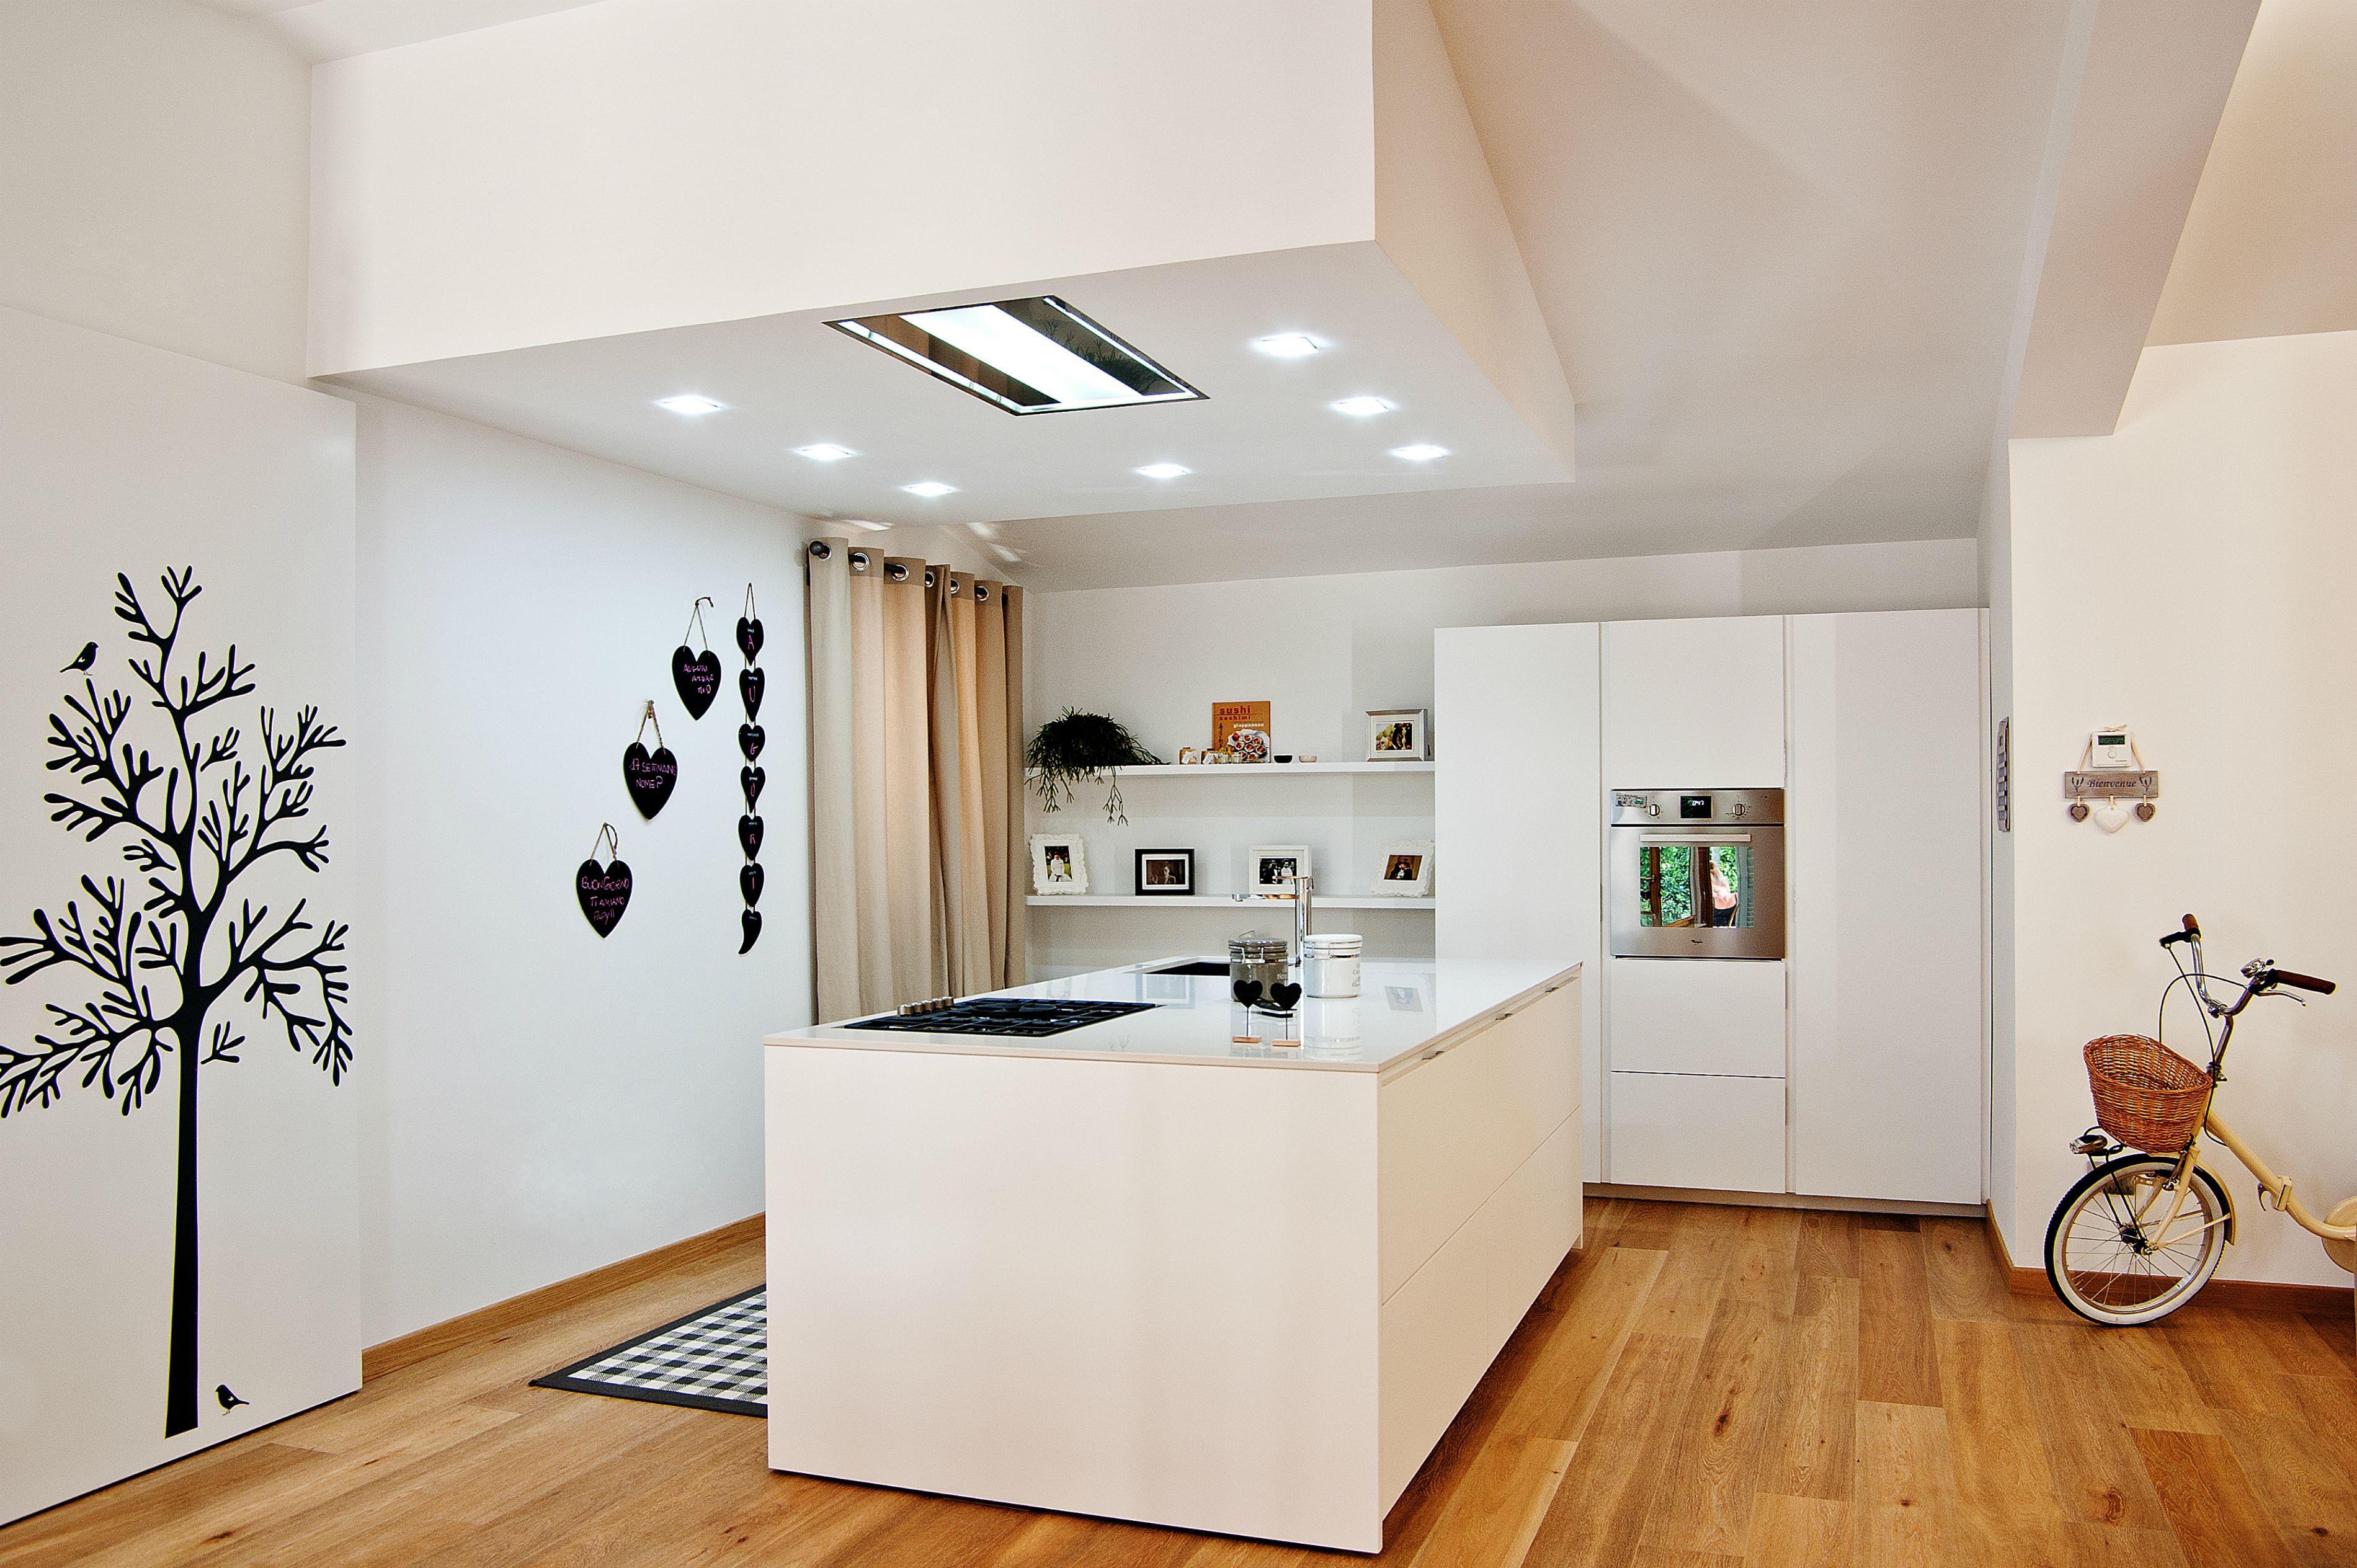 Cucina VISION di GATTOCUCINE laccato bianco lucido, top in okite ...